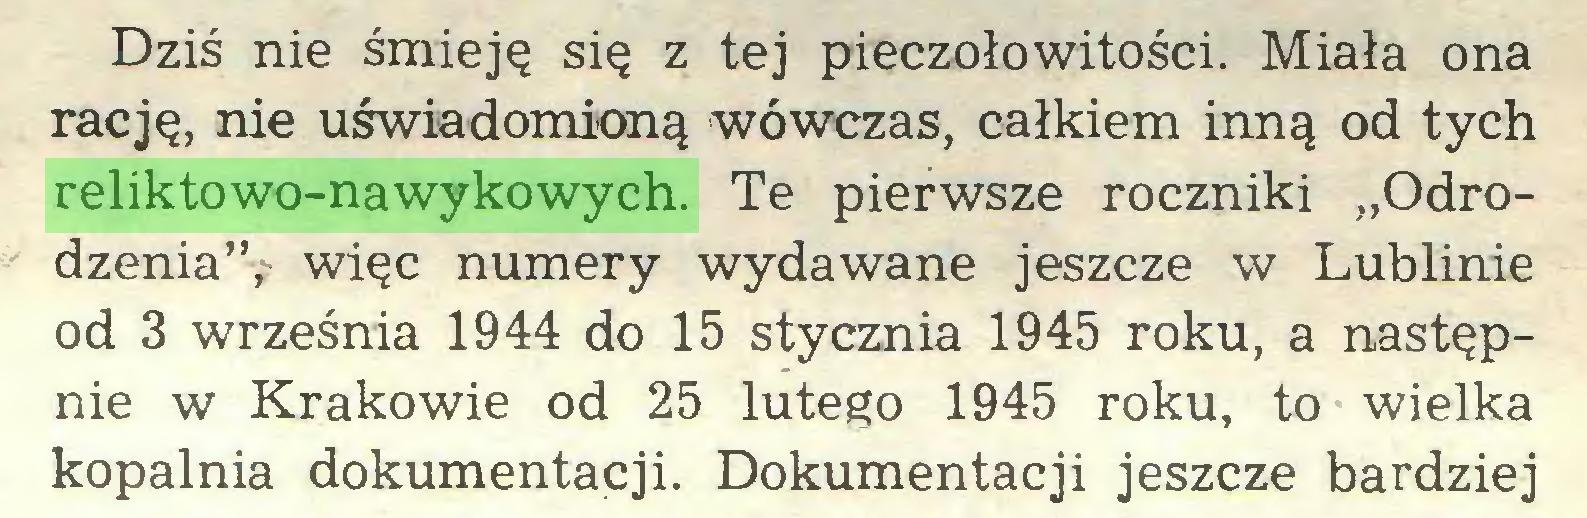 """(...) Dziś nie śmieję się z tej pieczołowitości. Miała ona rację, nie uświadomioną wówczas, całkiem inną od tych reliktowo-nawykowych. Te pierwsze roczniki """"Odrodzenia"""", więc numery wydawane jeszcze w Lublinie od 3 września 1944 do 15 stycznia 1945 roku, a następnie w Krakowie od 25 lutego 1945 roku, to wielka kopalnia dokumentacji. Dokumentacji jeszcze bardziej..."""